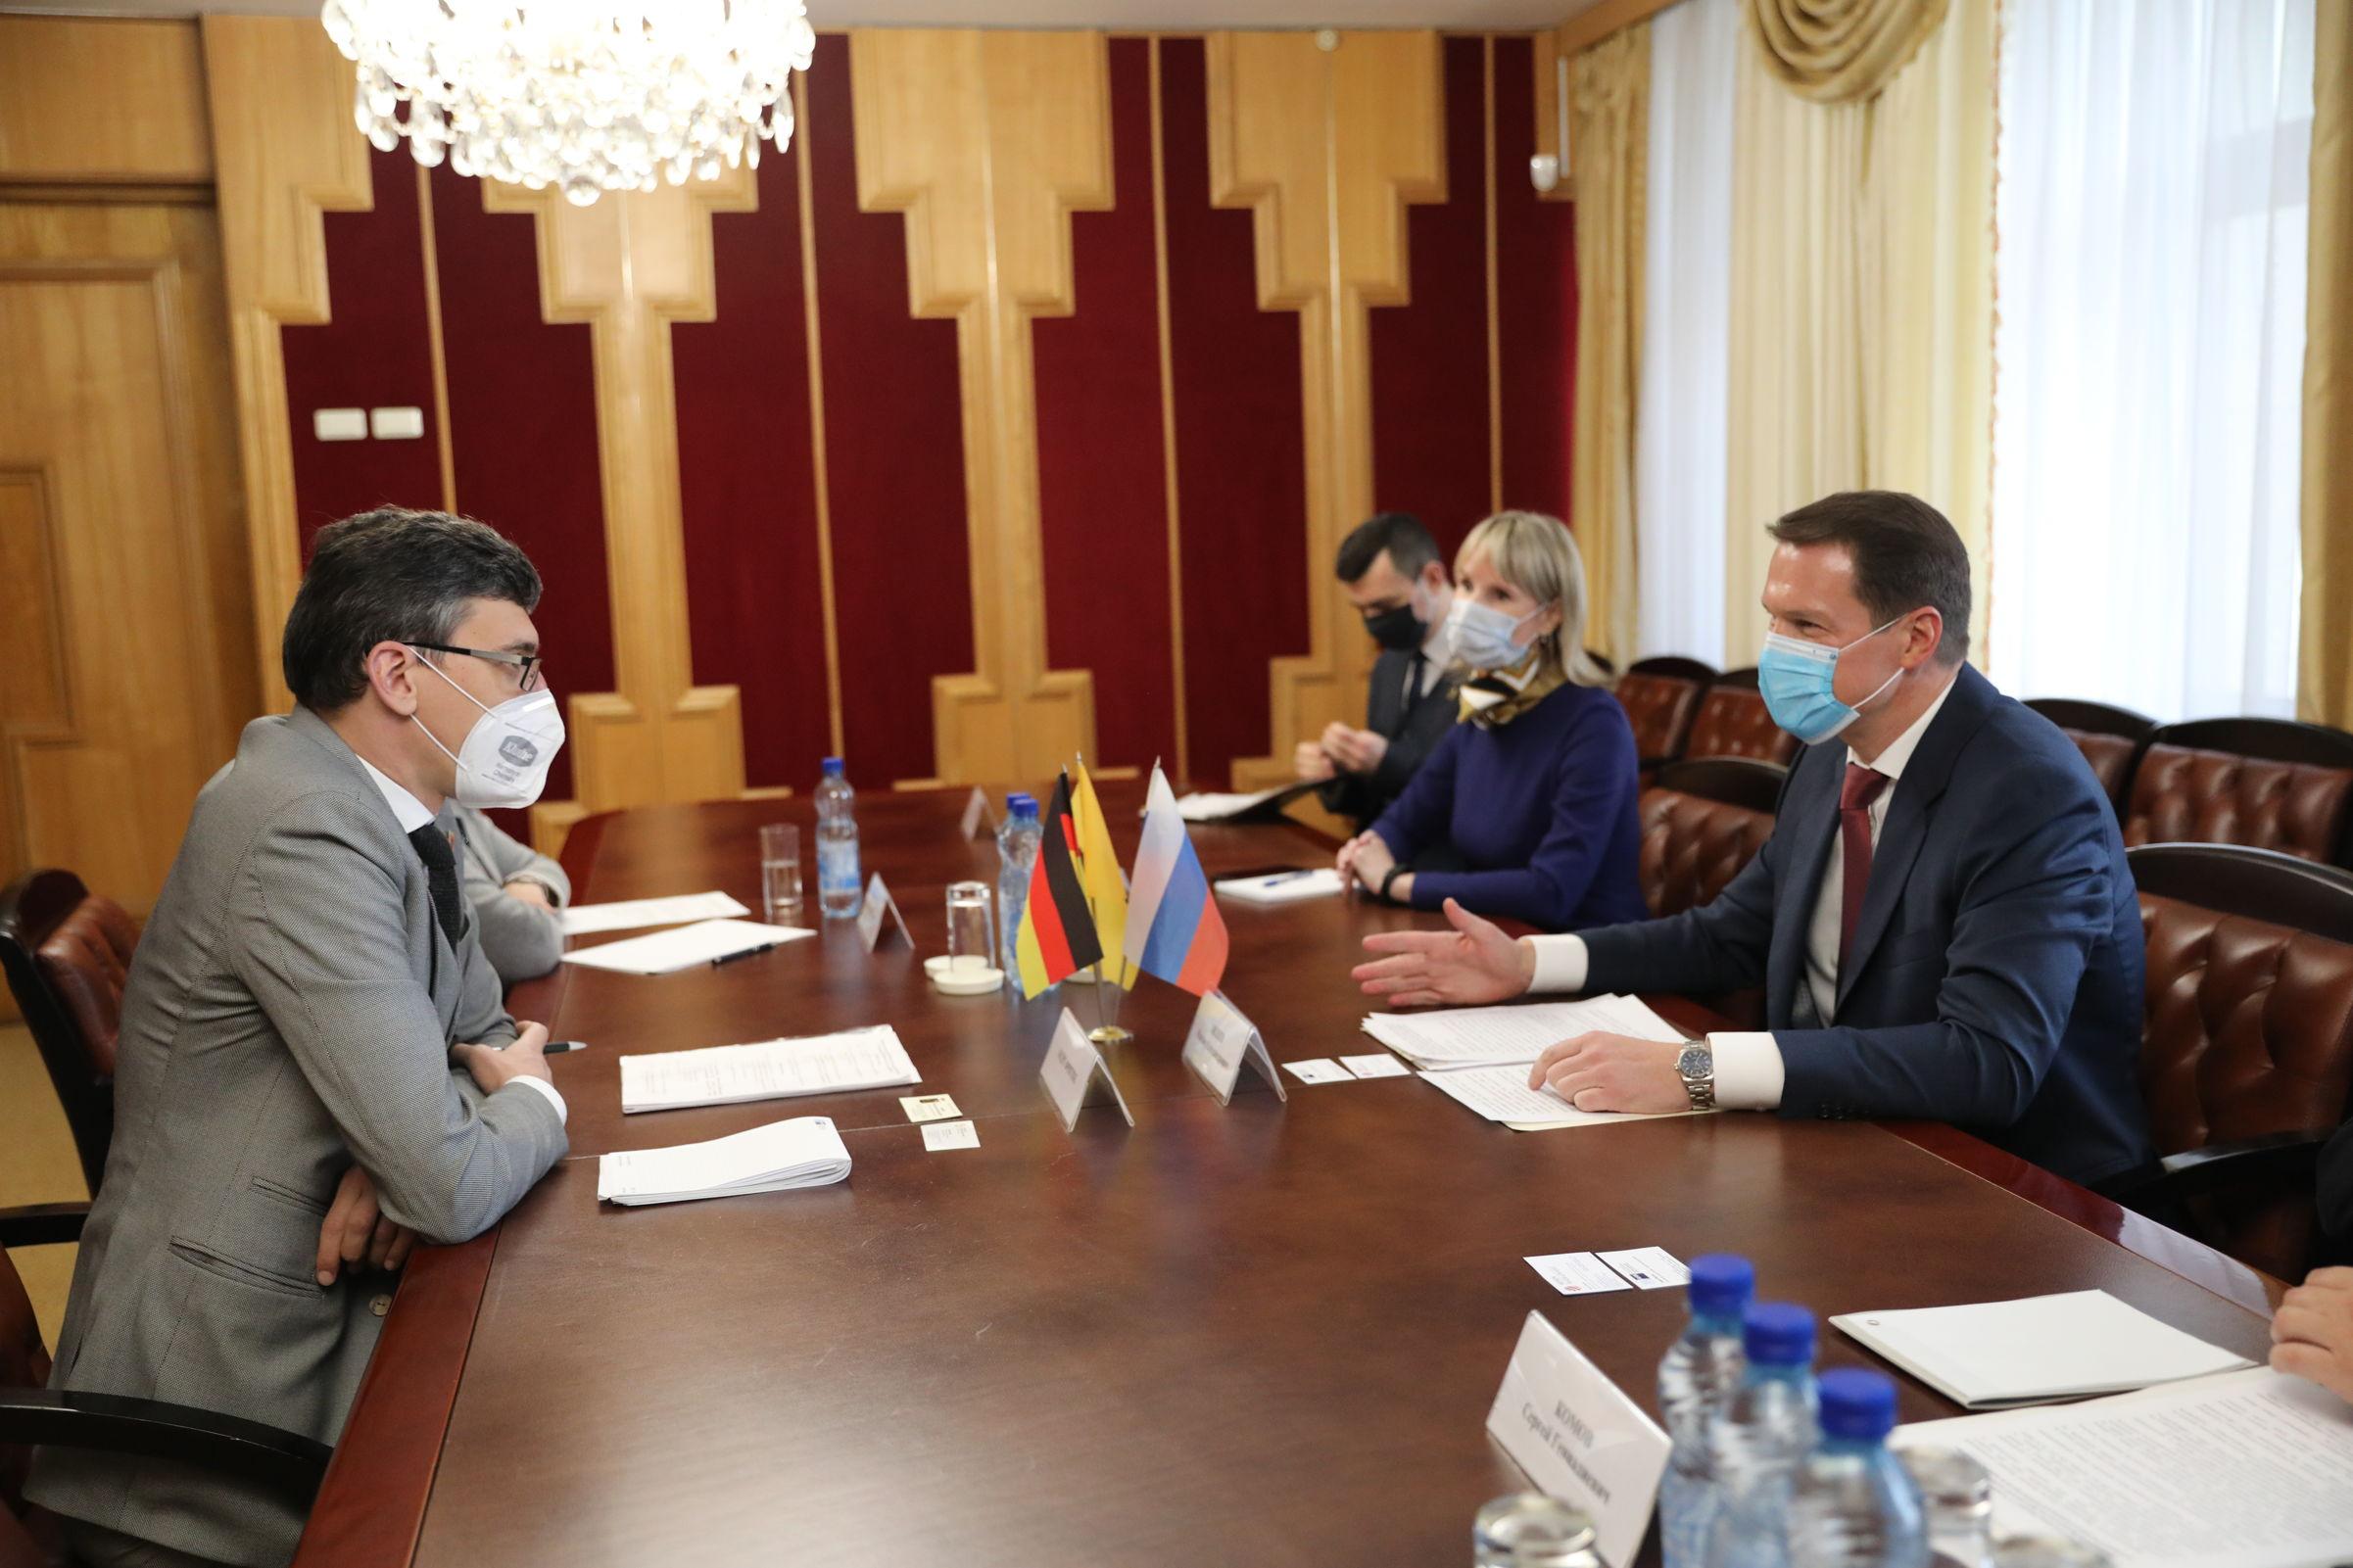 Ярославская область и Германия намерены развивать торгово-экономическое сотрудничество